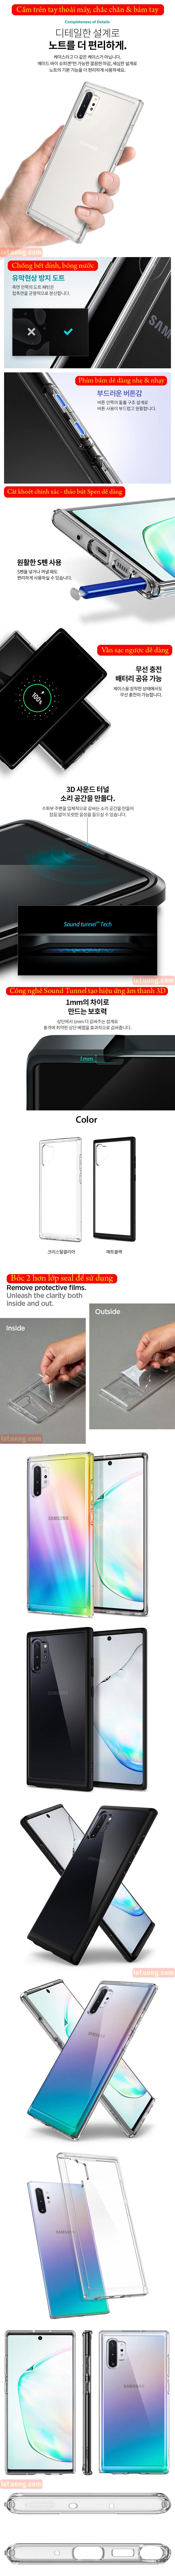 Ốp lưng Galaxy Note 10 Plus Spigen Ultra Hybrid trong suốt ( Hàng USA ) 9